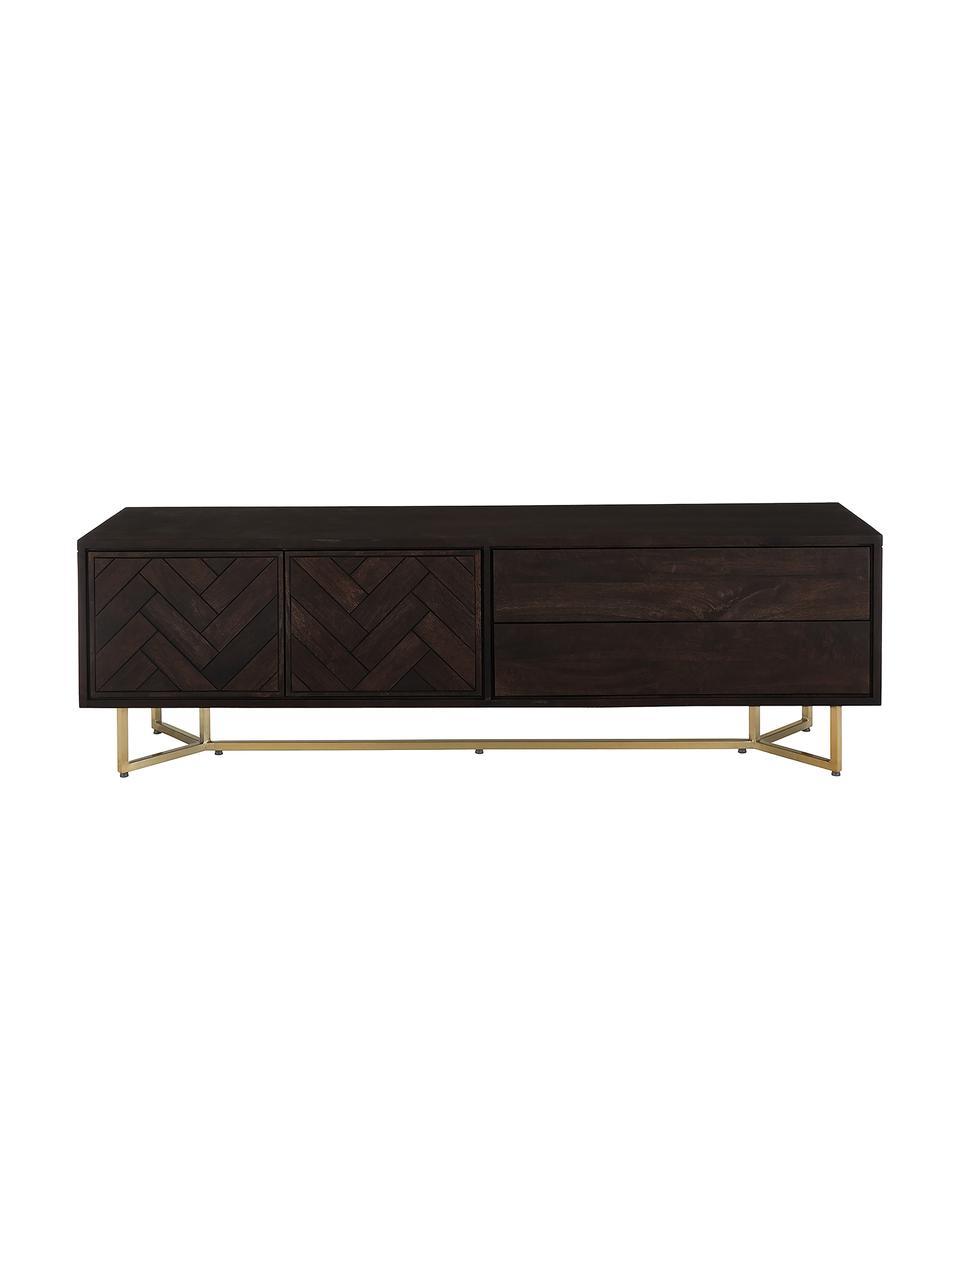 Visgraat tv-meubel Luca met deuren, Frame: massief mangohout, Frame: gecoat metaal, Frame: mangohout. Frame, handvatten: messingkleurig, mat, 180 x 54 cm